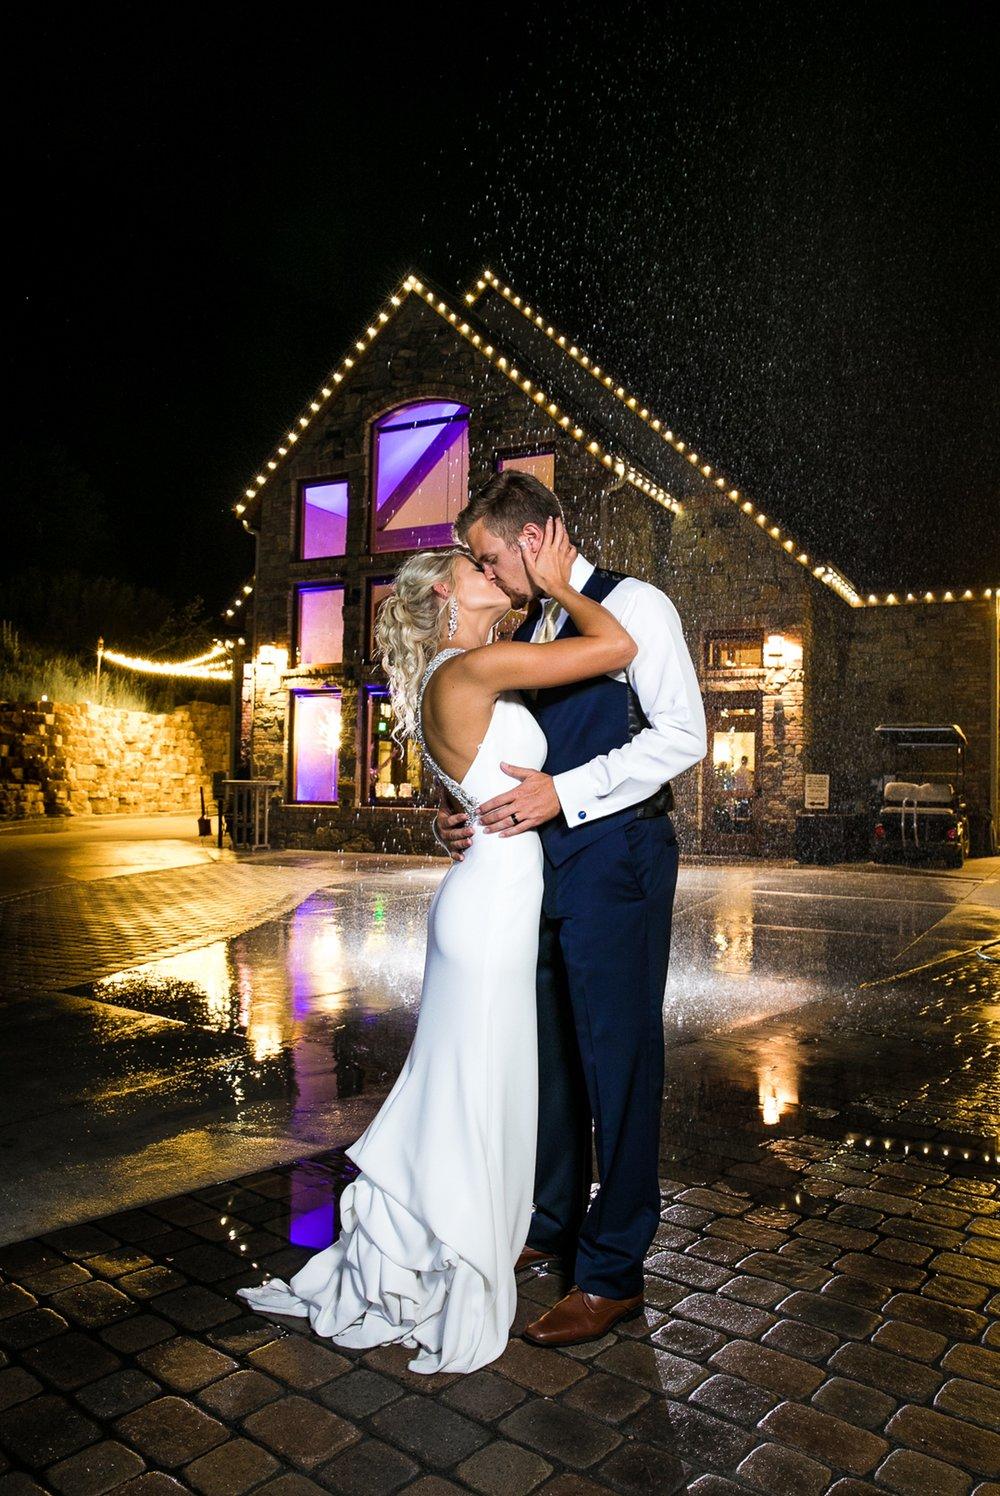 Estes_Park_Wedding_Della_Terra_Mountain_Kristopher_Lindsay_Photography 24.jpg